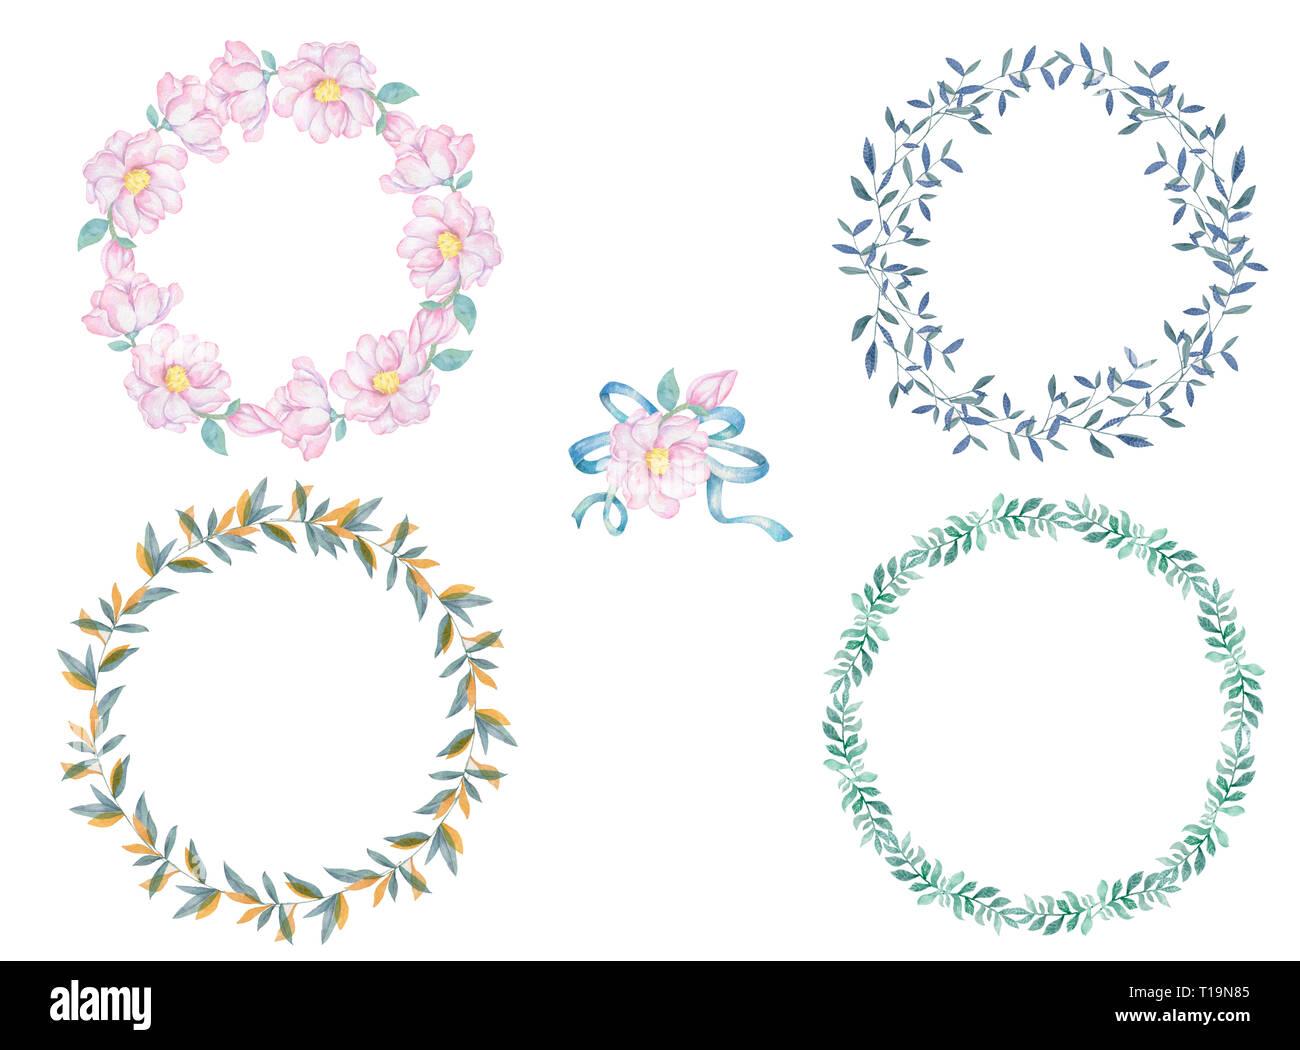 Conjunto De Corona De Flores Y Hojas De Acuarela Marco